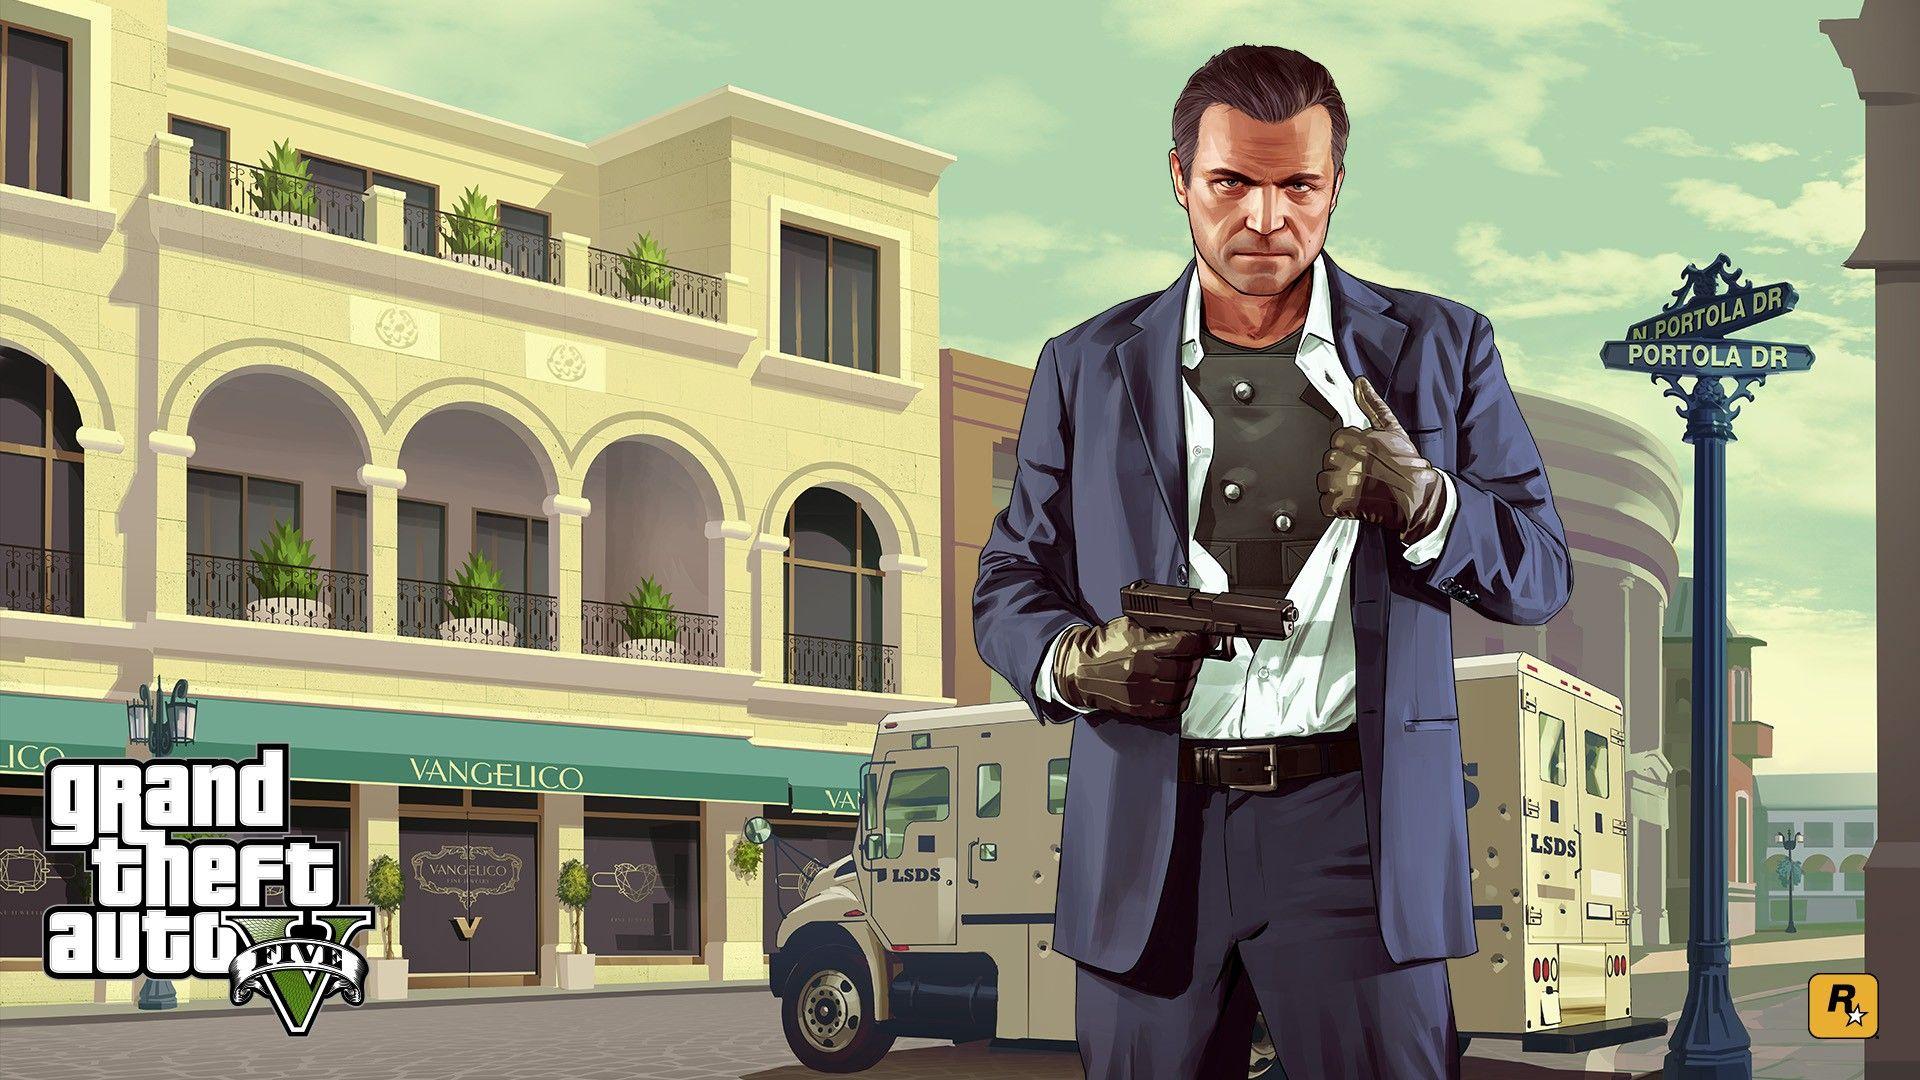 《GTA5》老麦感染新冠入院 称赞前线医护人员是真正英雄 游戏资讯 第2张